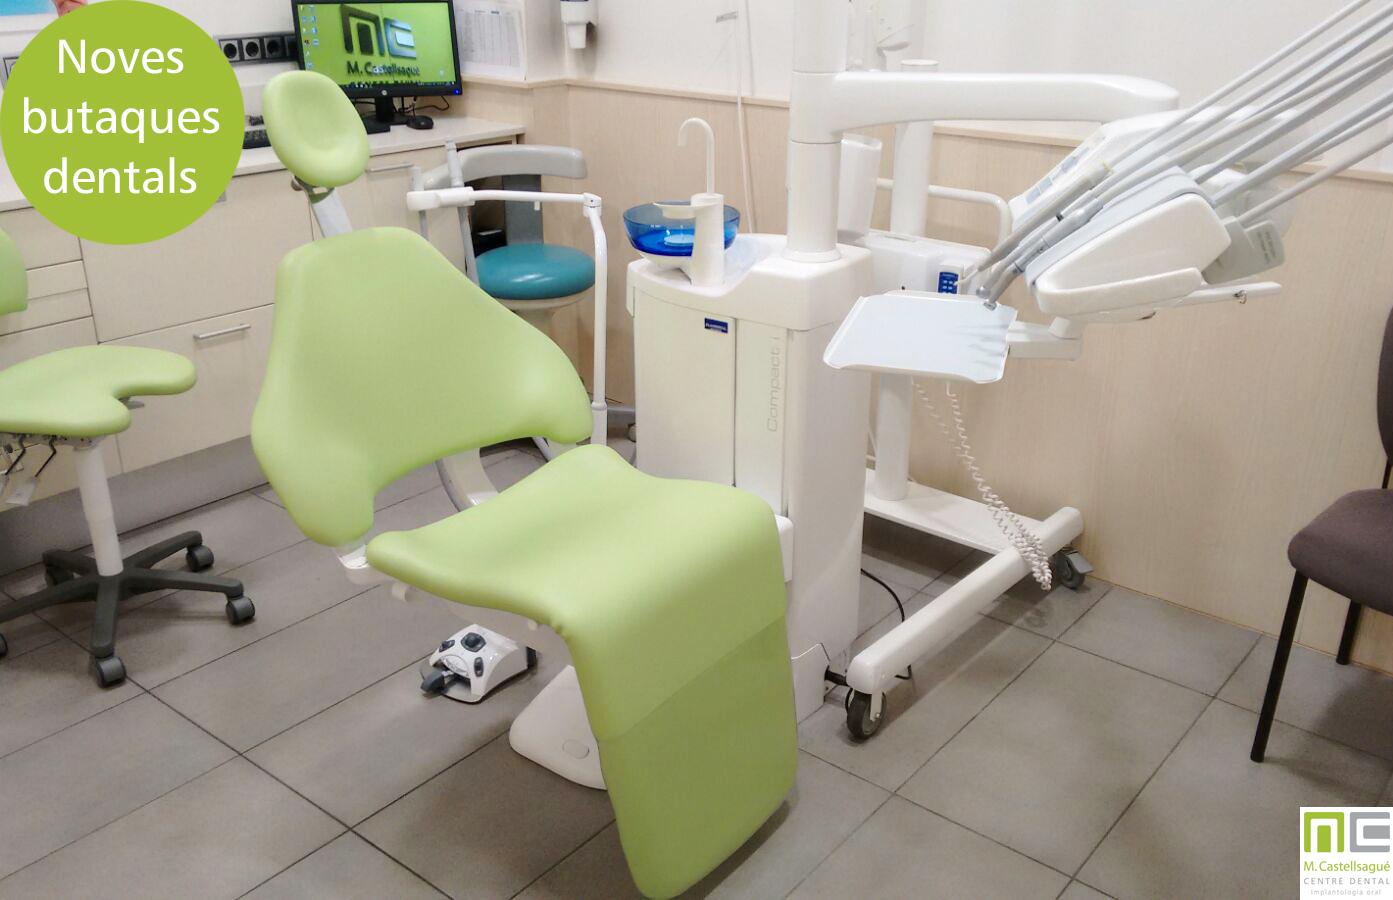 Nuevos equipamientos dentales en el Centre Dental M. Castellsagué 0